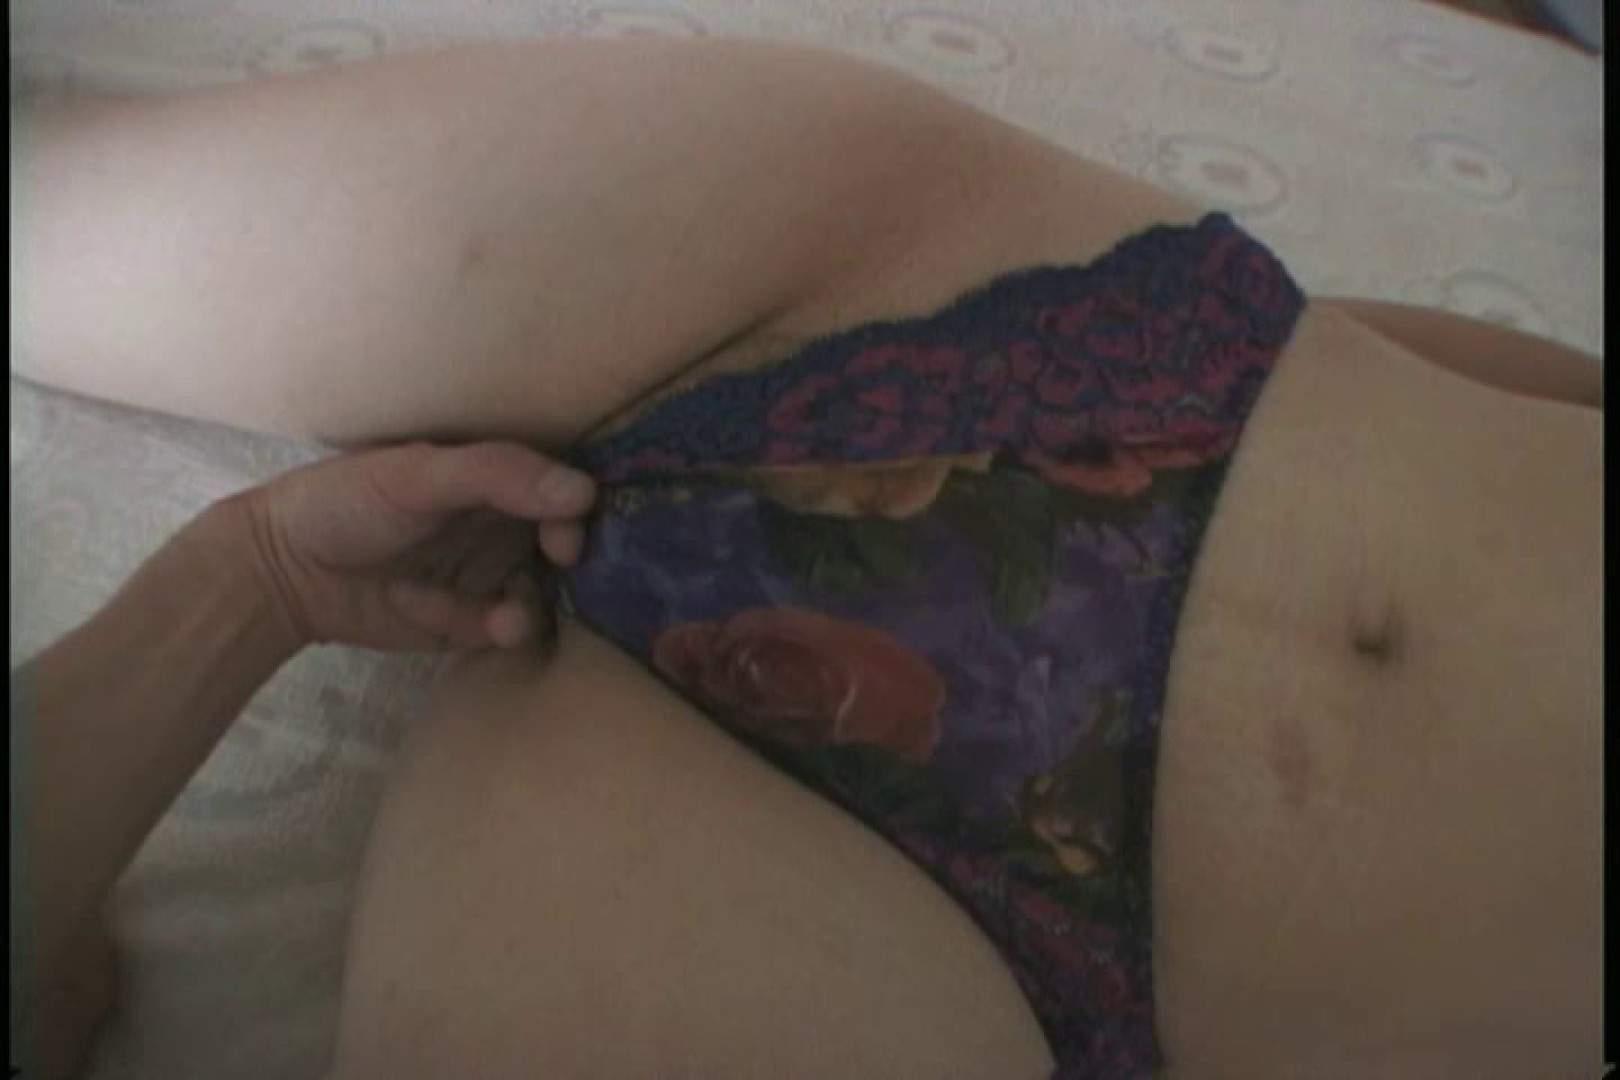 初めてのビデオ撮影に緊張する素人OLとセックス~武田じゅん~ 下着 AV無料動画キャプチャ 86pic 75